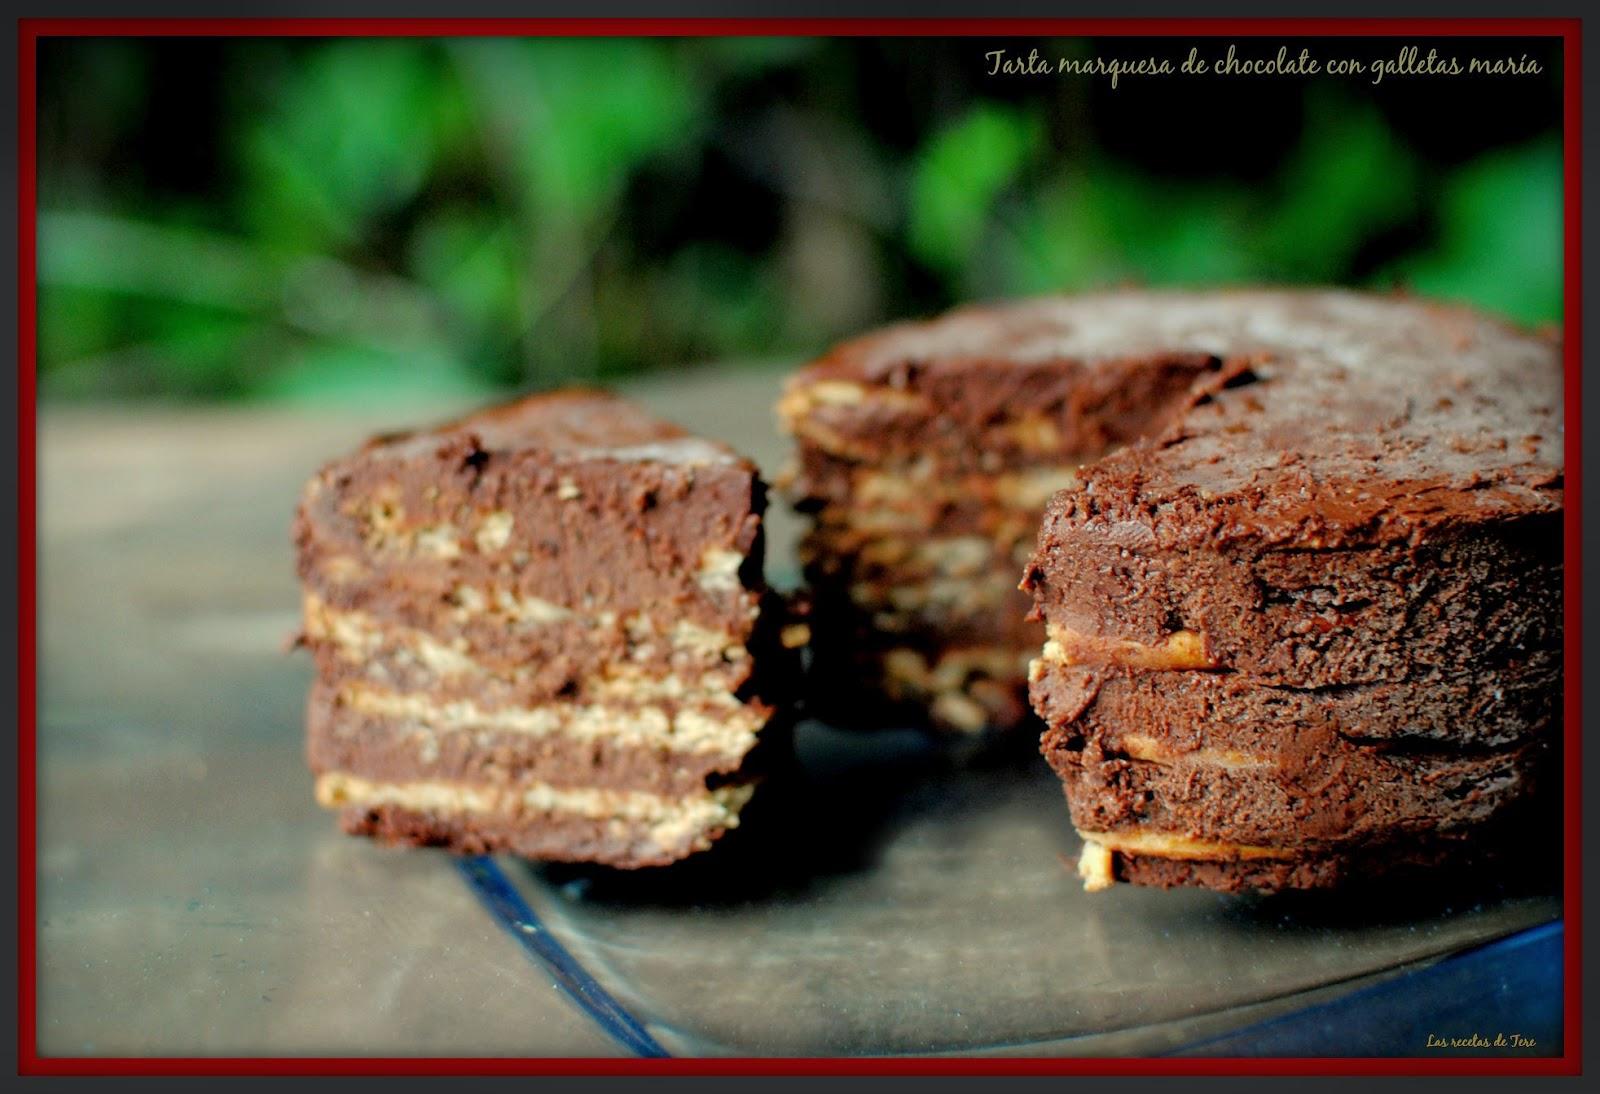 tarta marquesa de chocolate con galletas maría tererecetas 04